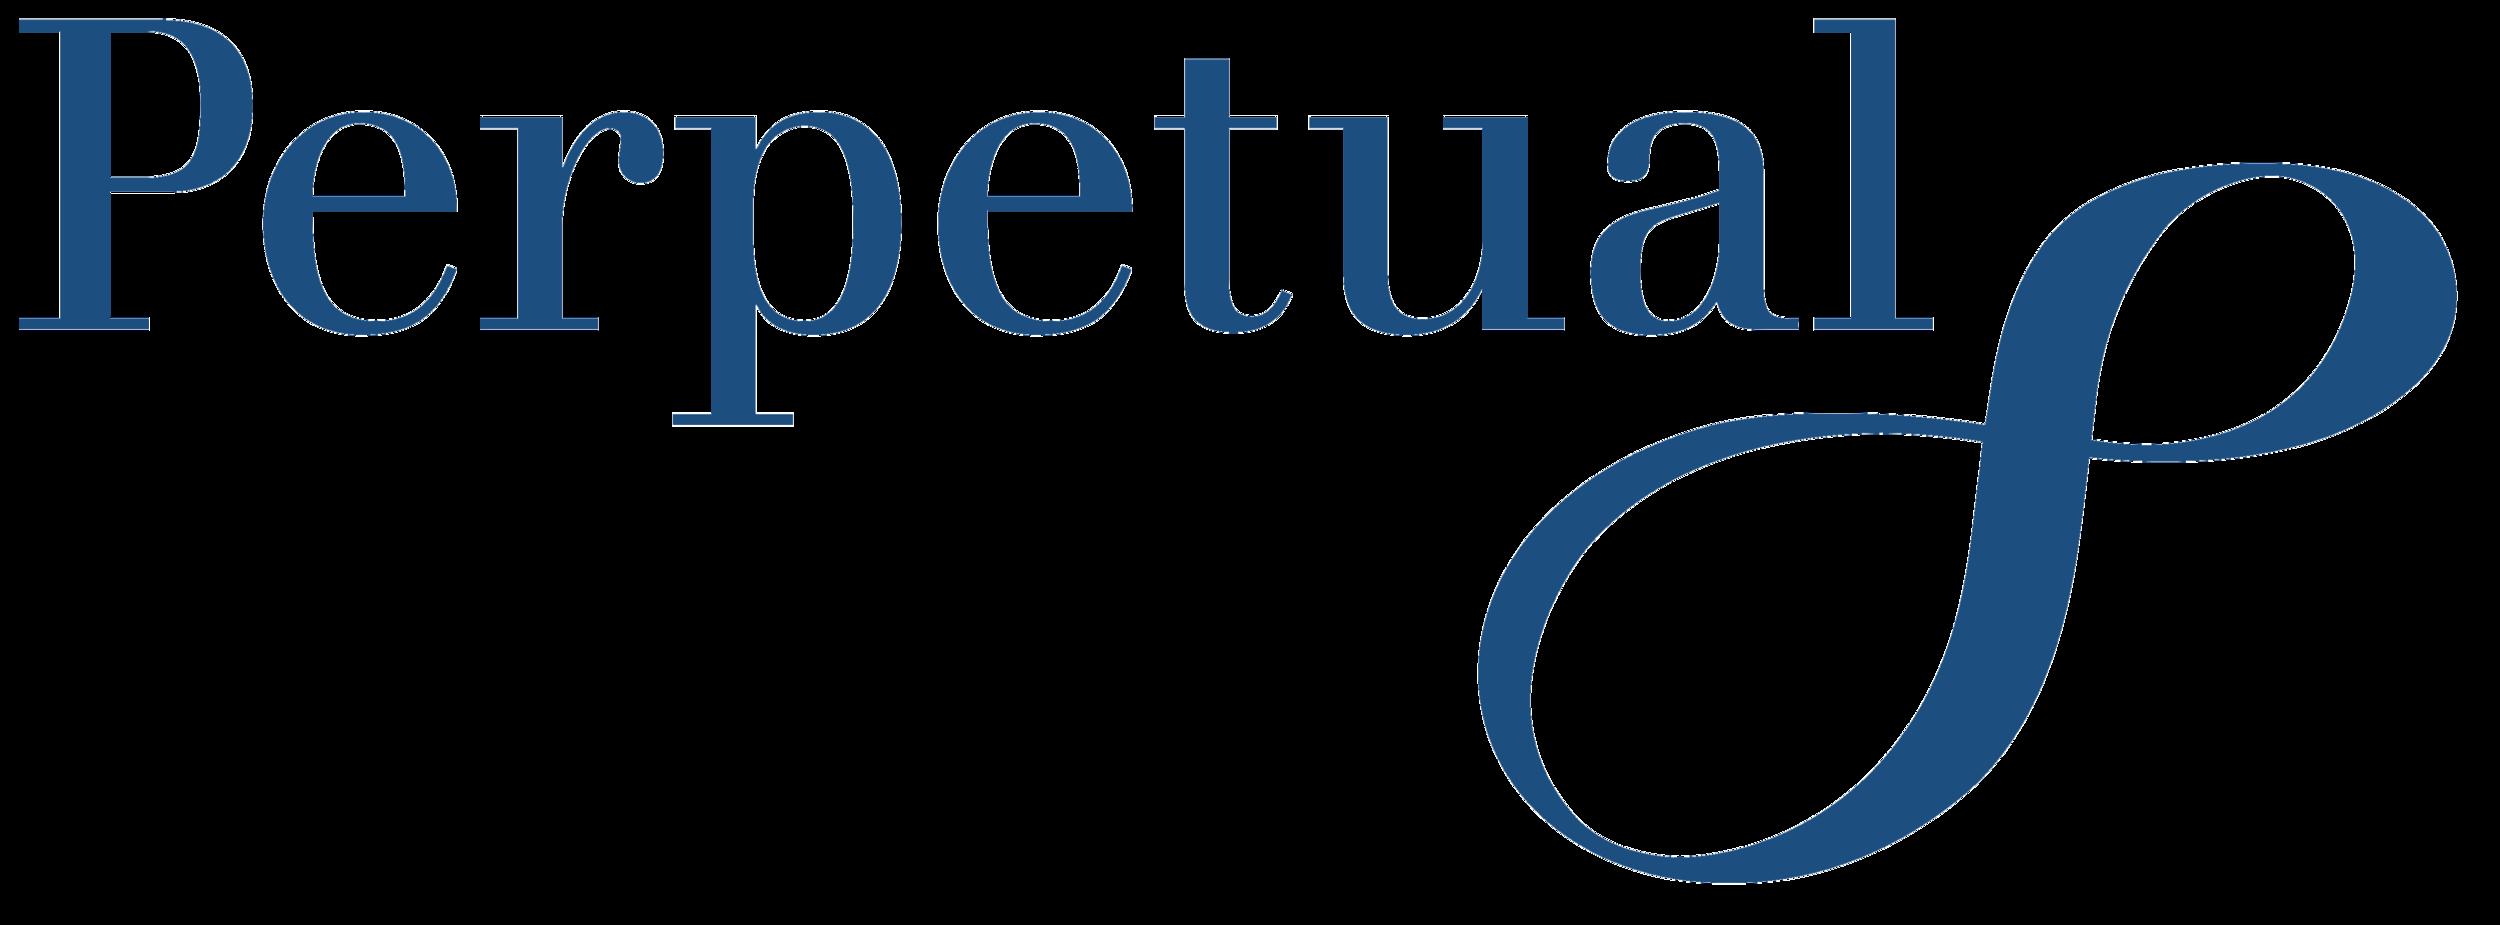 Perpetual_logo.png